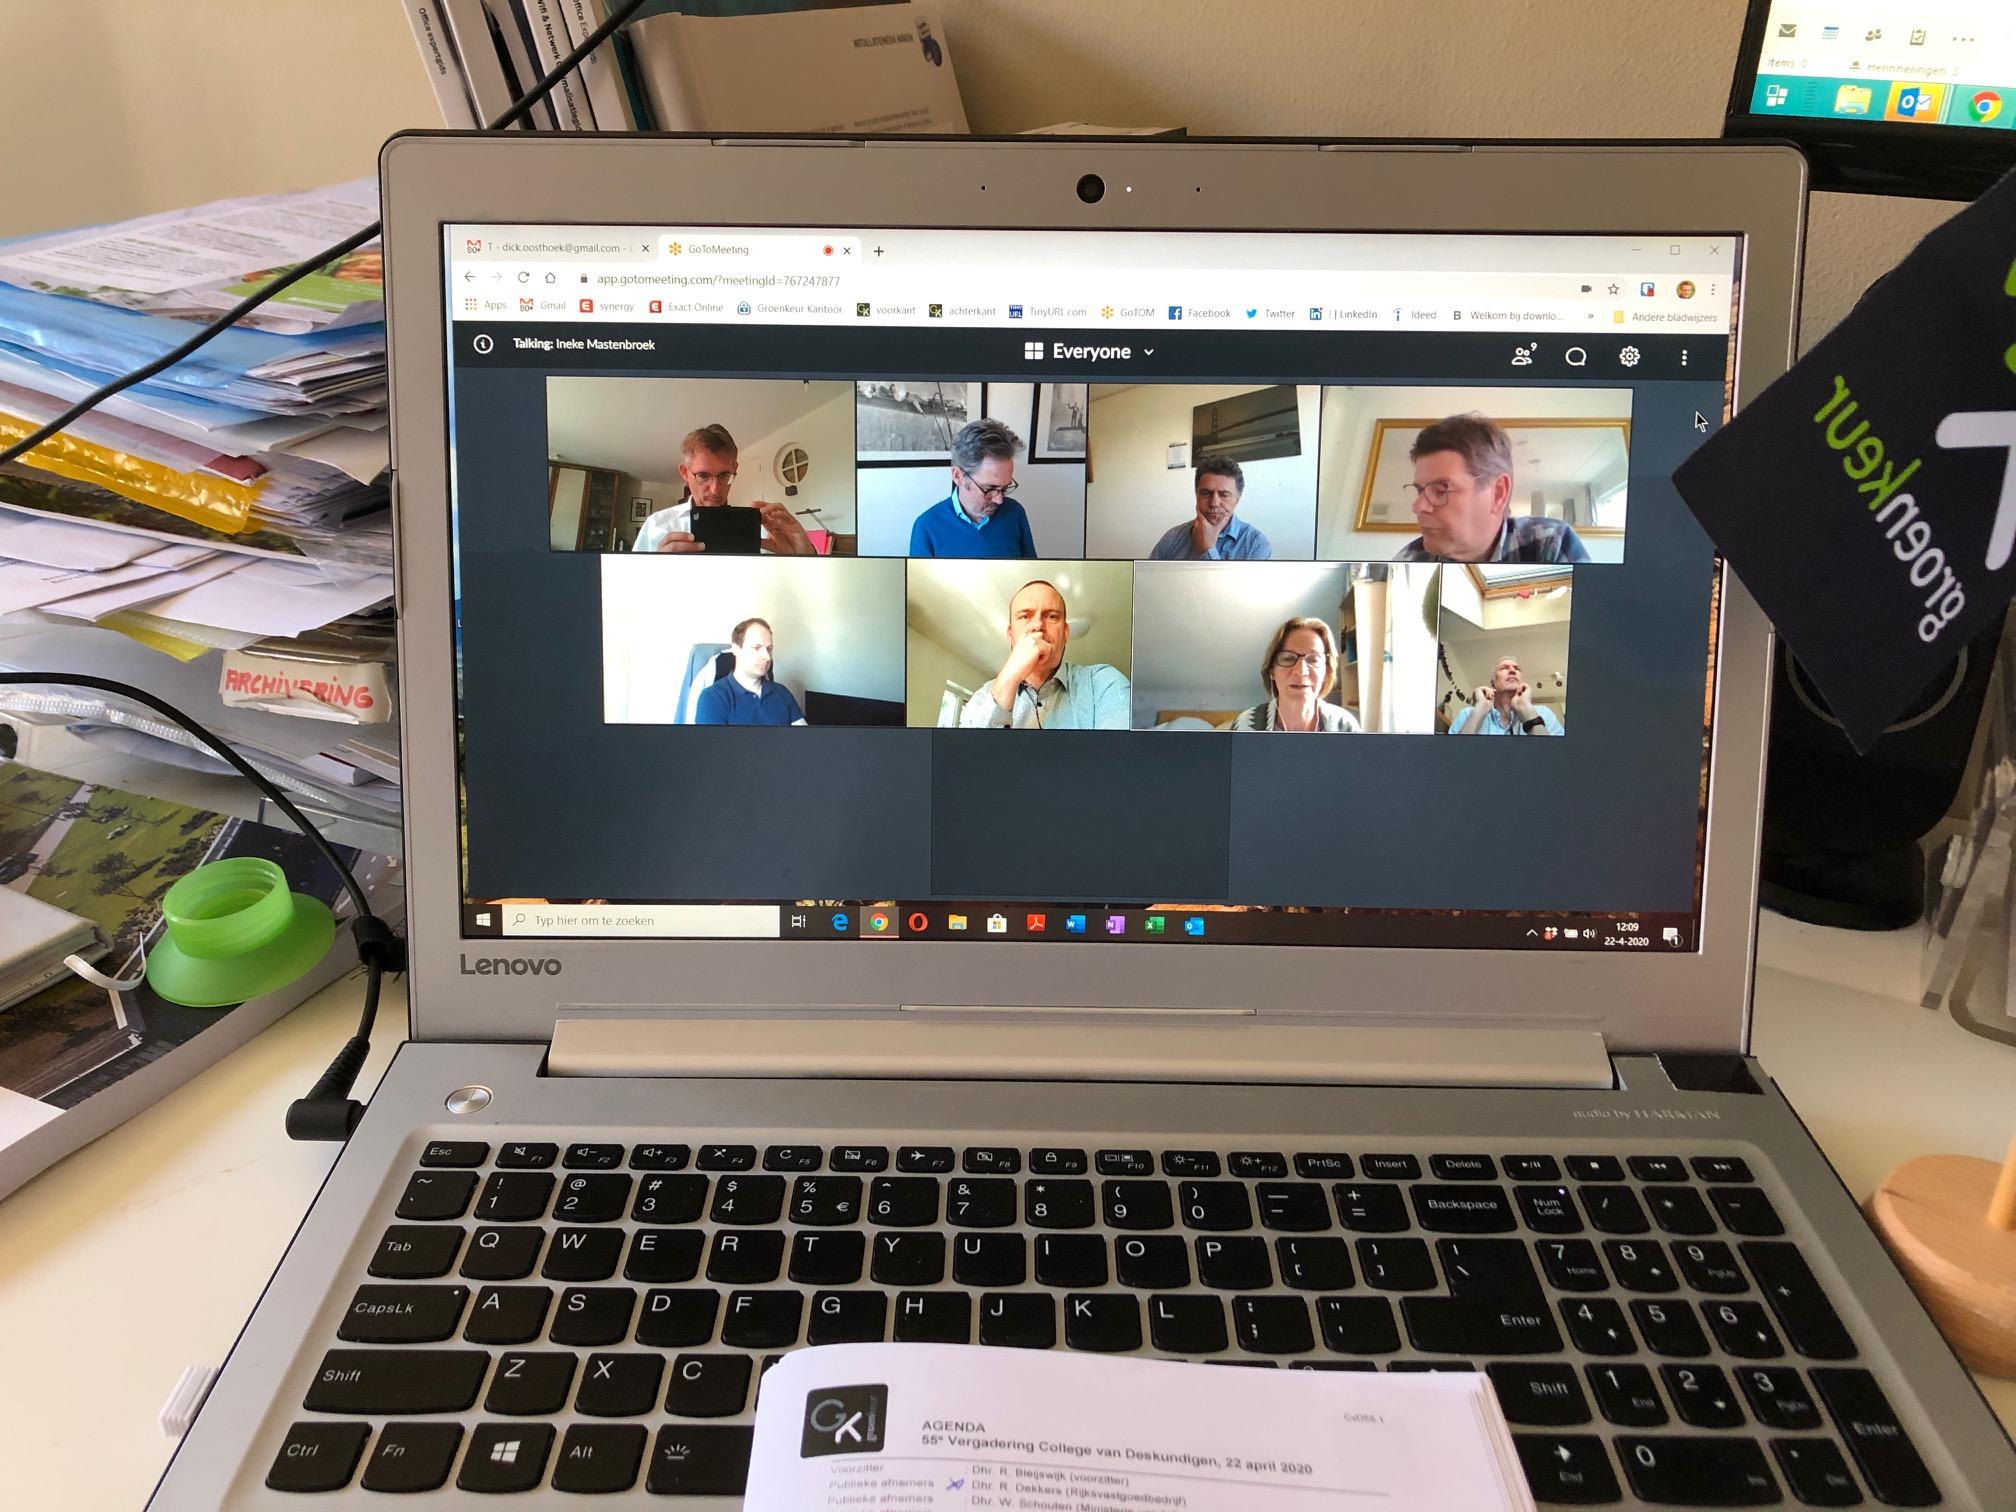 College van Deskundigen vergadert per video